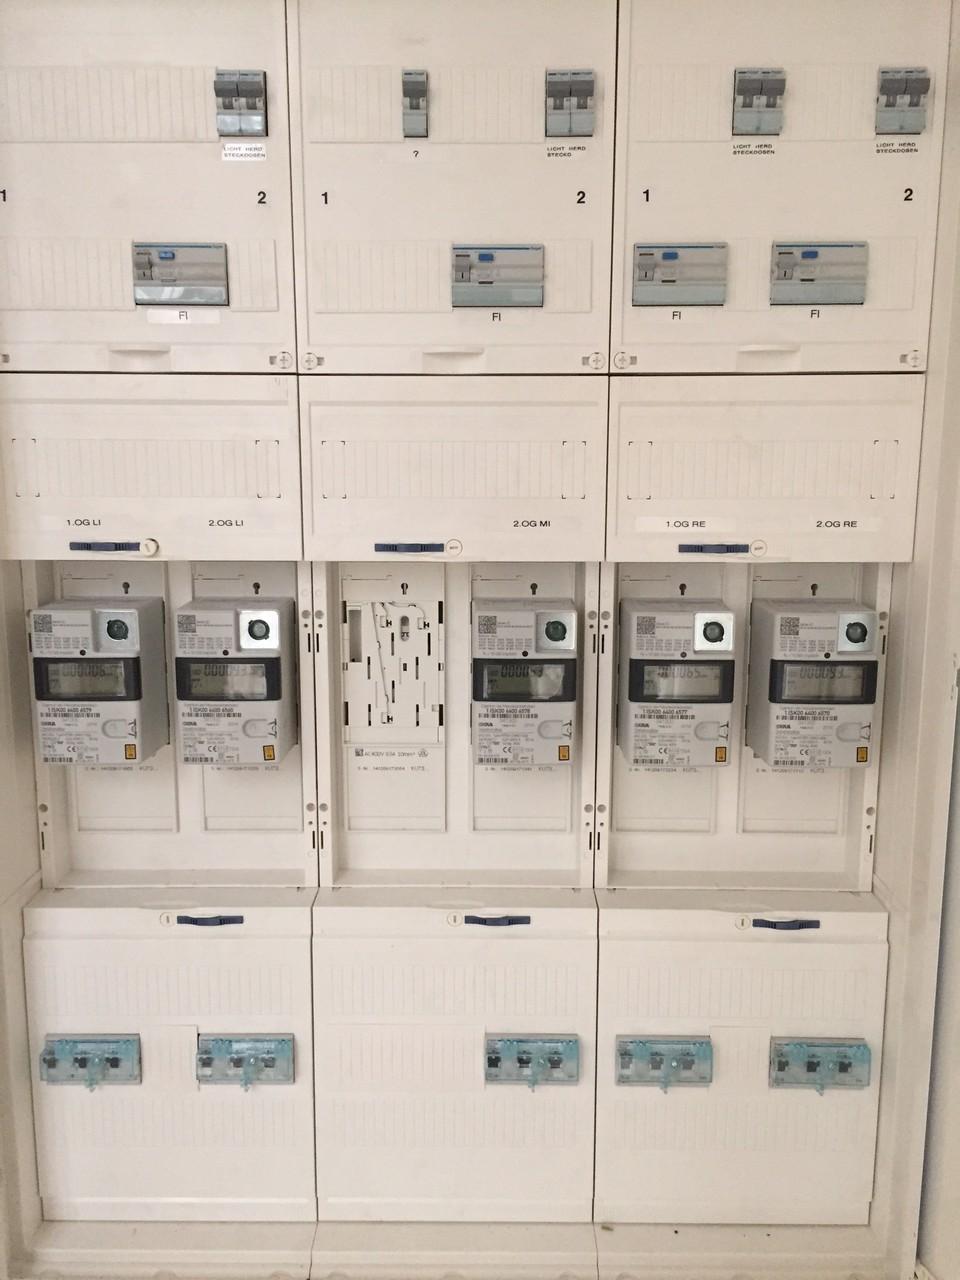 Neue, Elektronische Zähler sind eingebaut und jede Wohnung hat einen funktionierenden FI